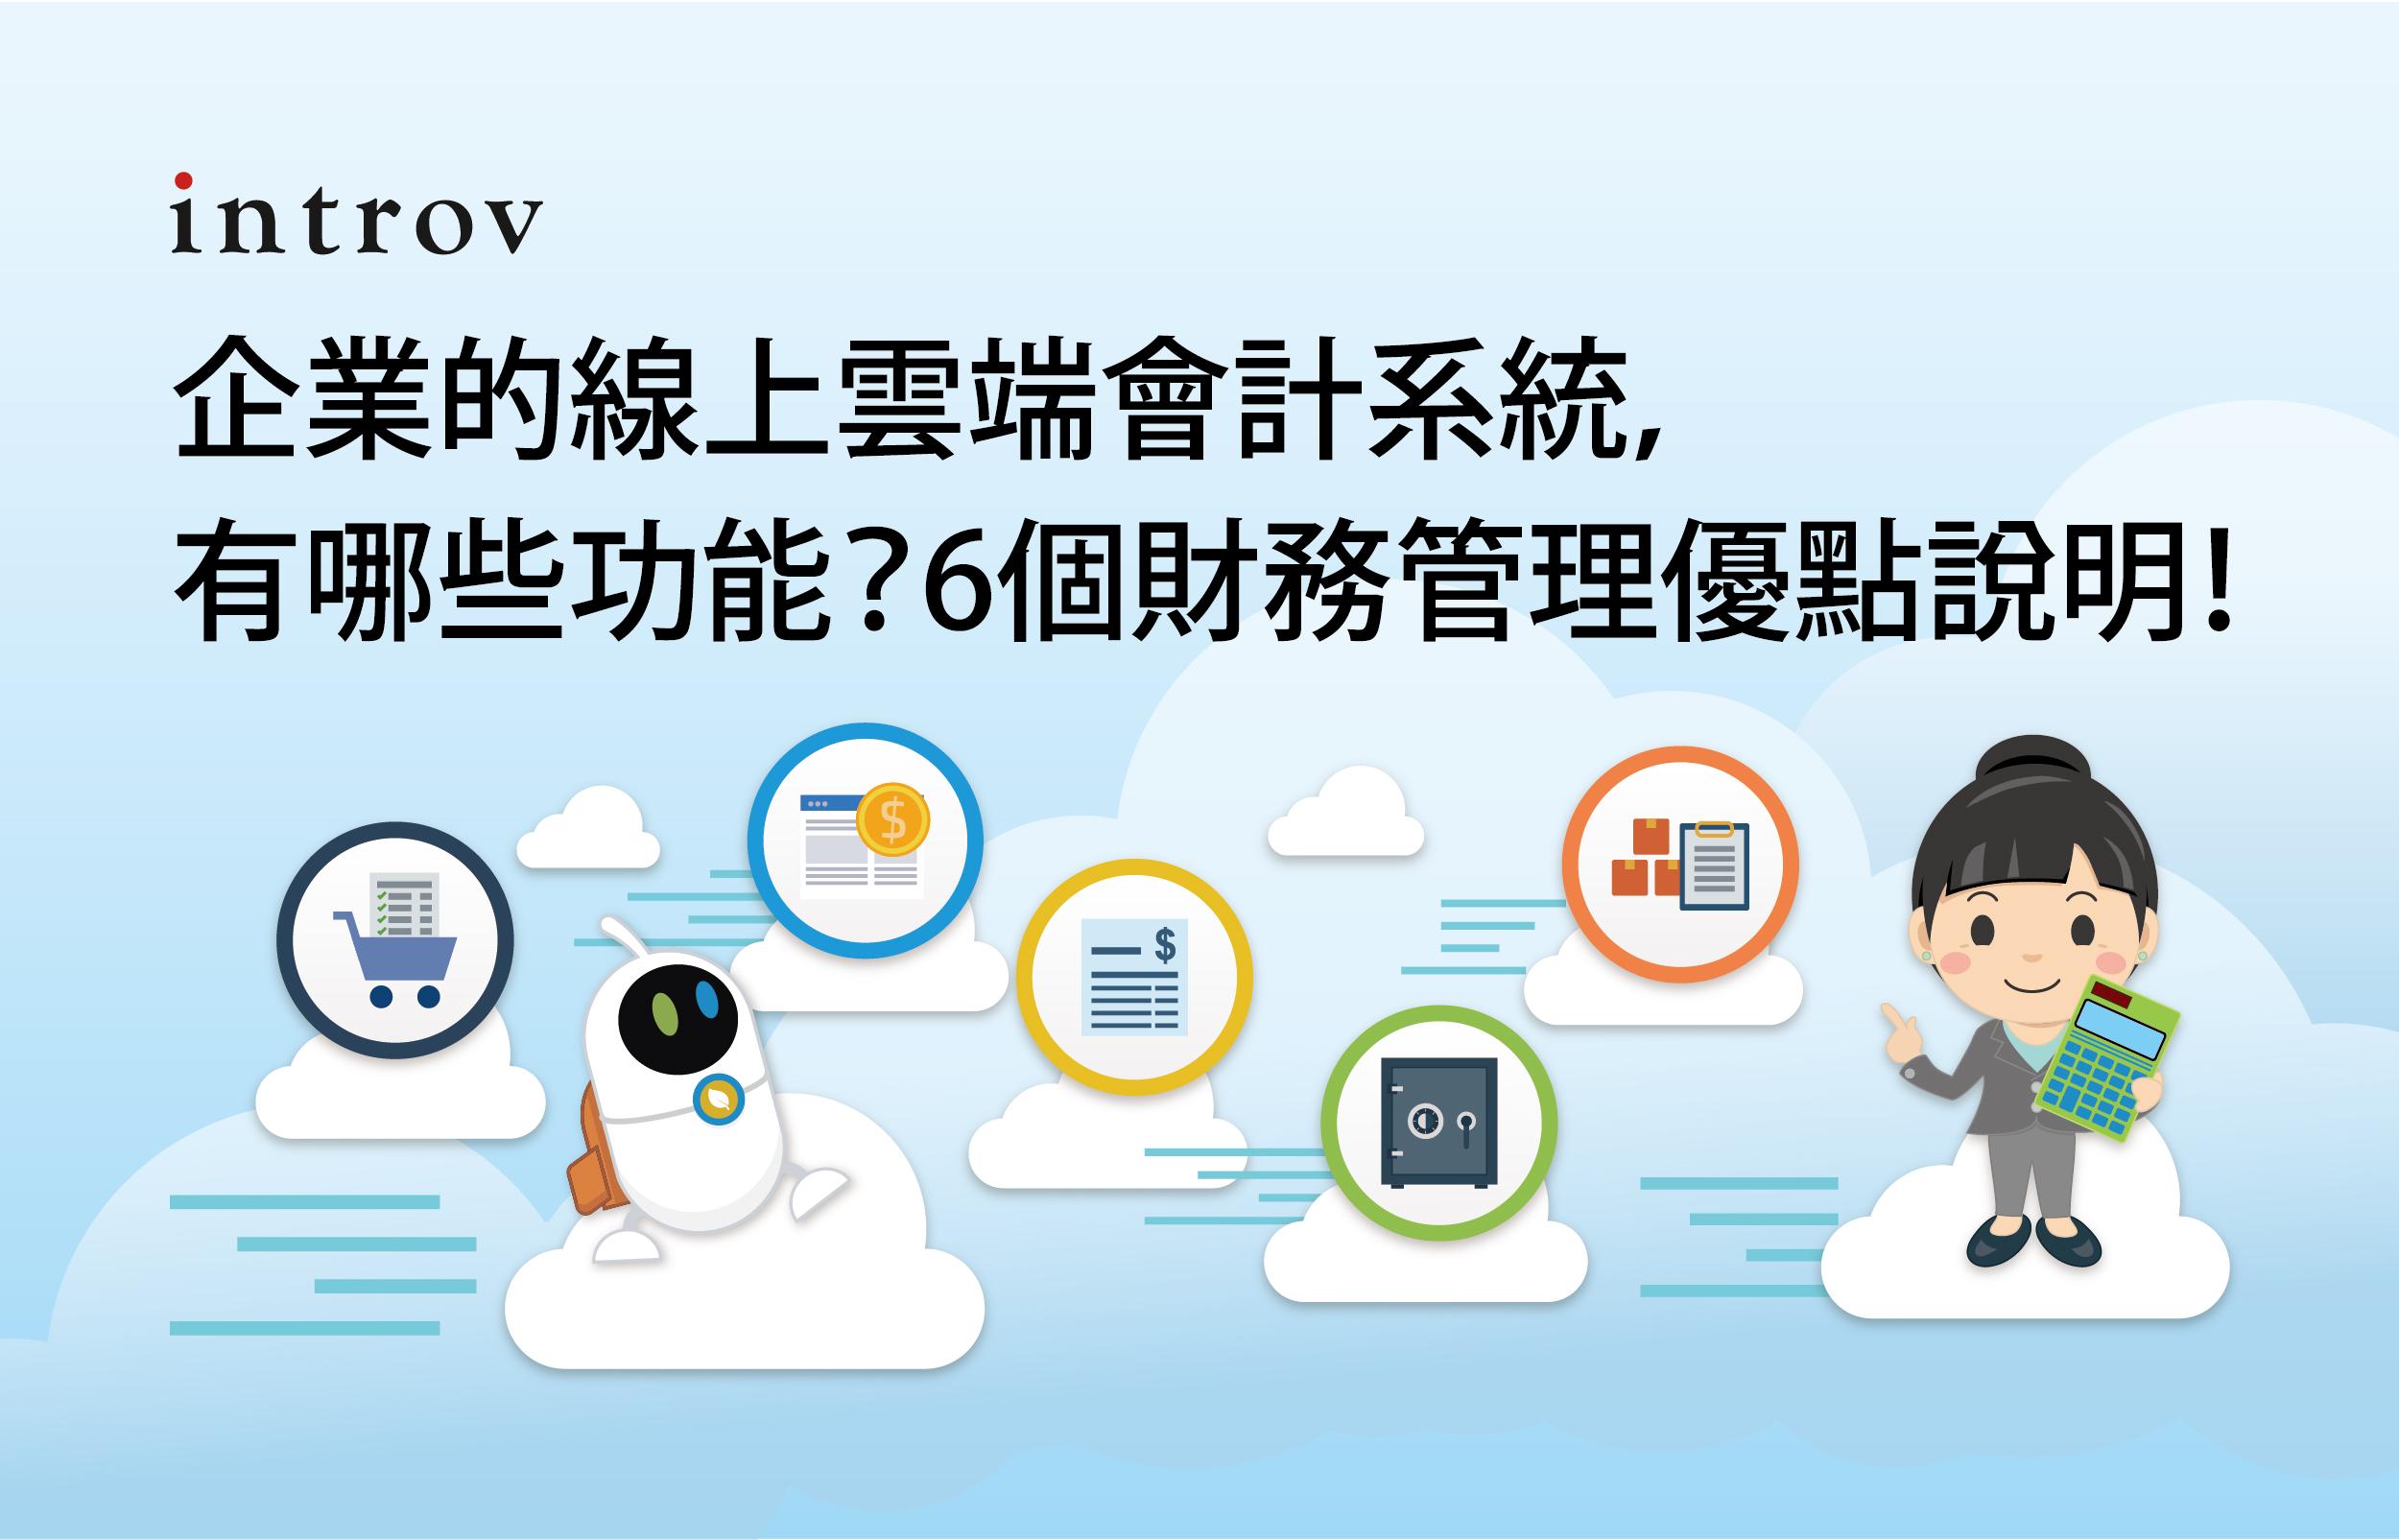 企業的線上雲端會計系統,有哪些功能?6個財務管理優點說明!